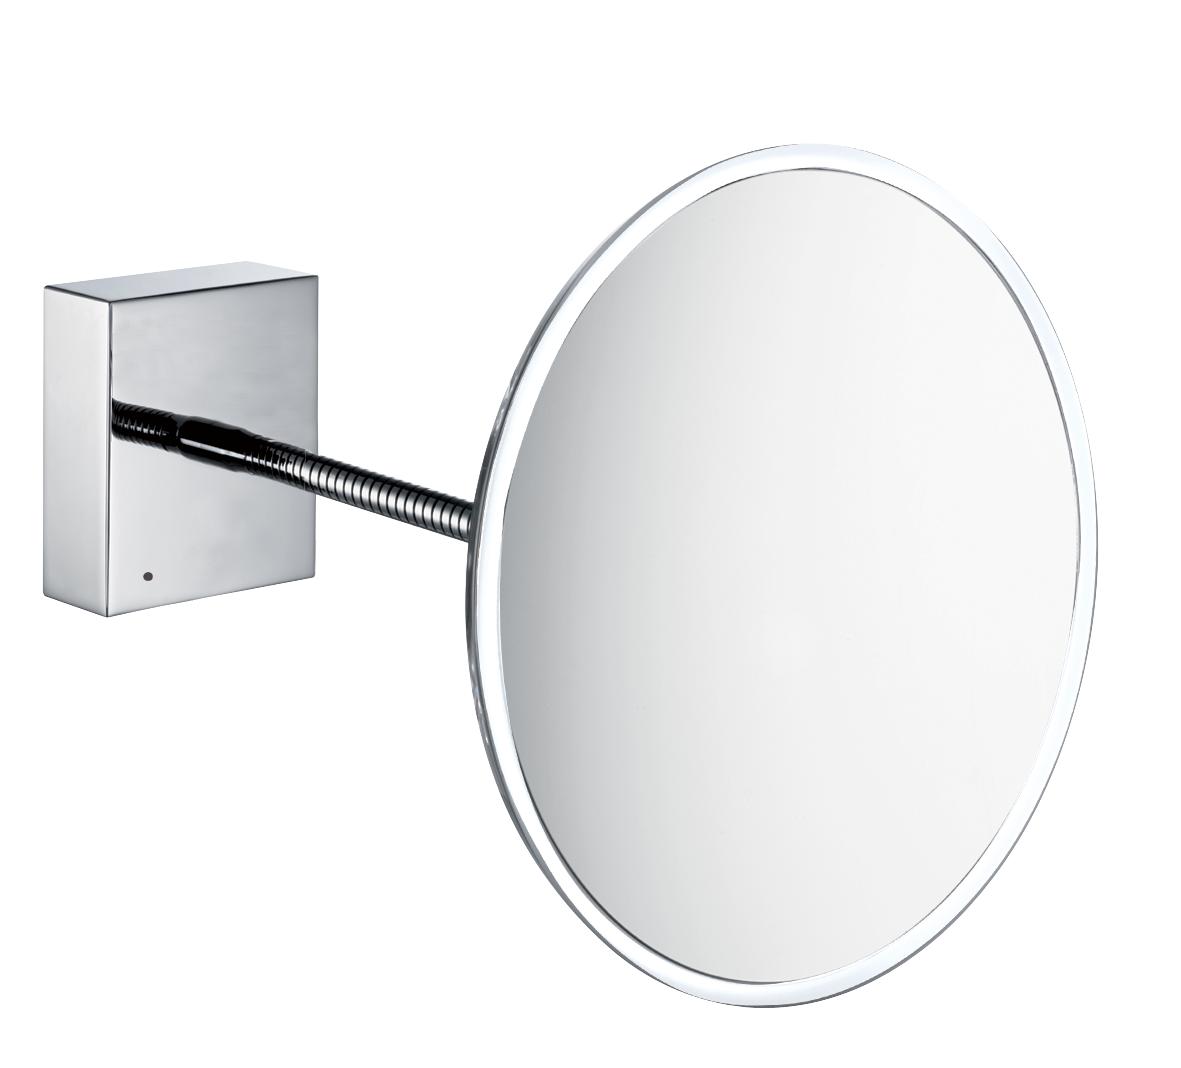 Tilbud på Sam Miro kosmetikspejl med LED-lys og fleksibel arm